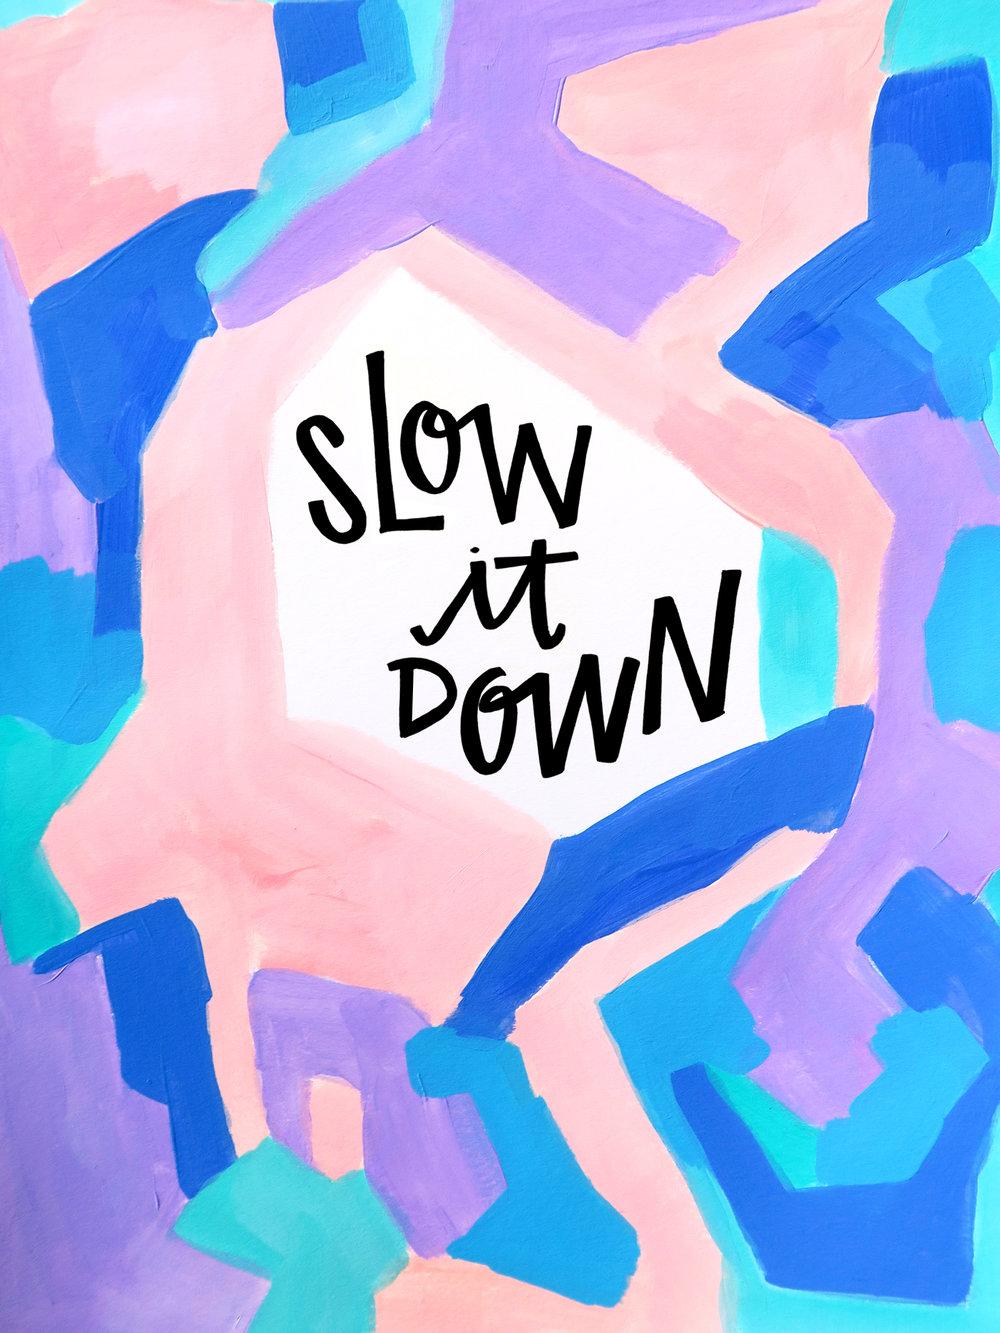 7/1/16: Slow